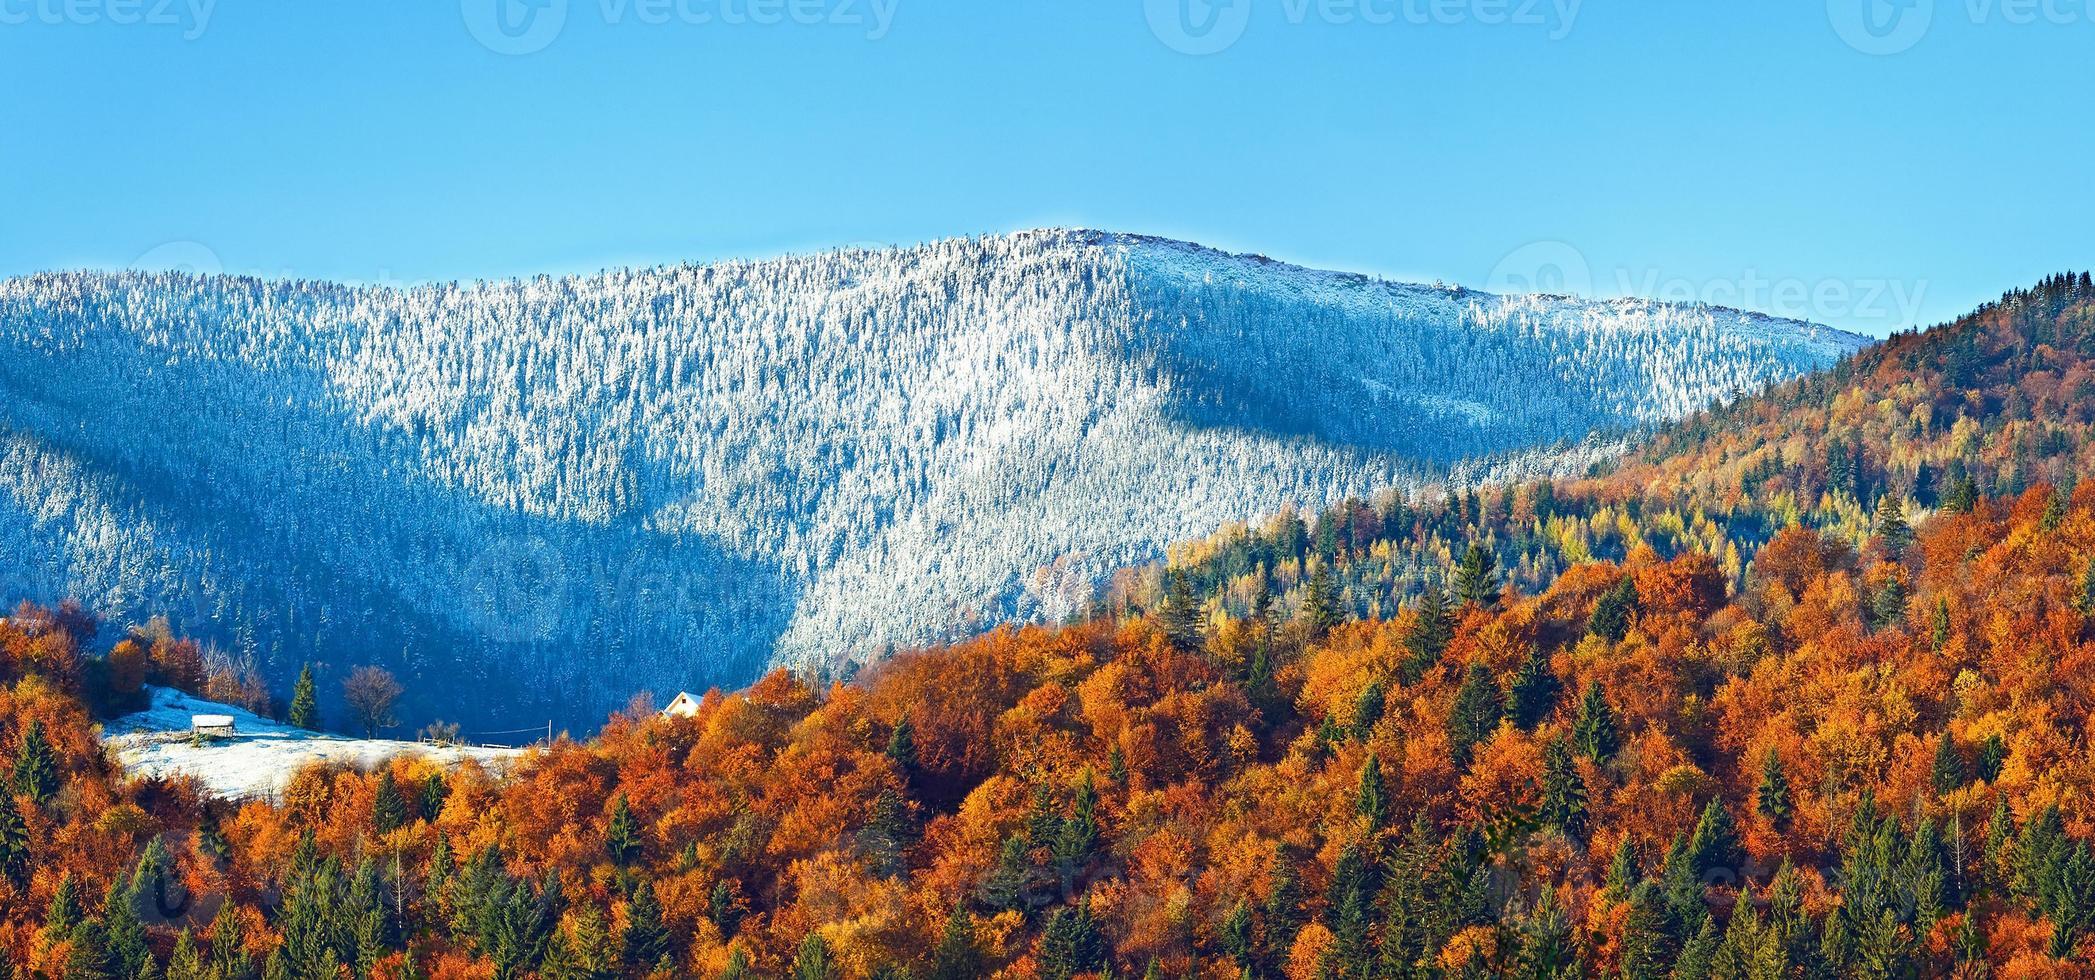 floresta de montanha de outono foto